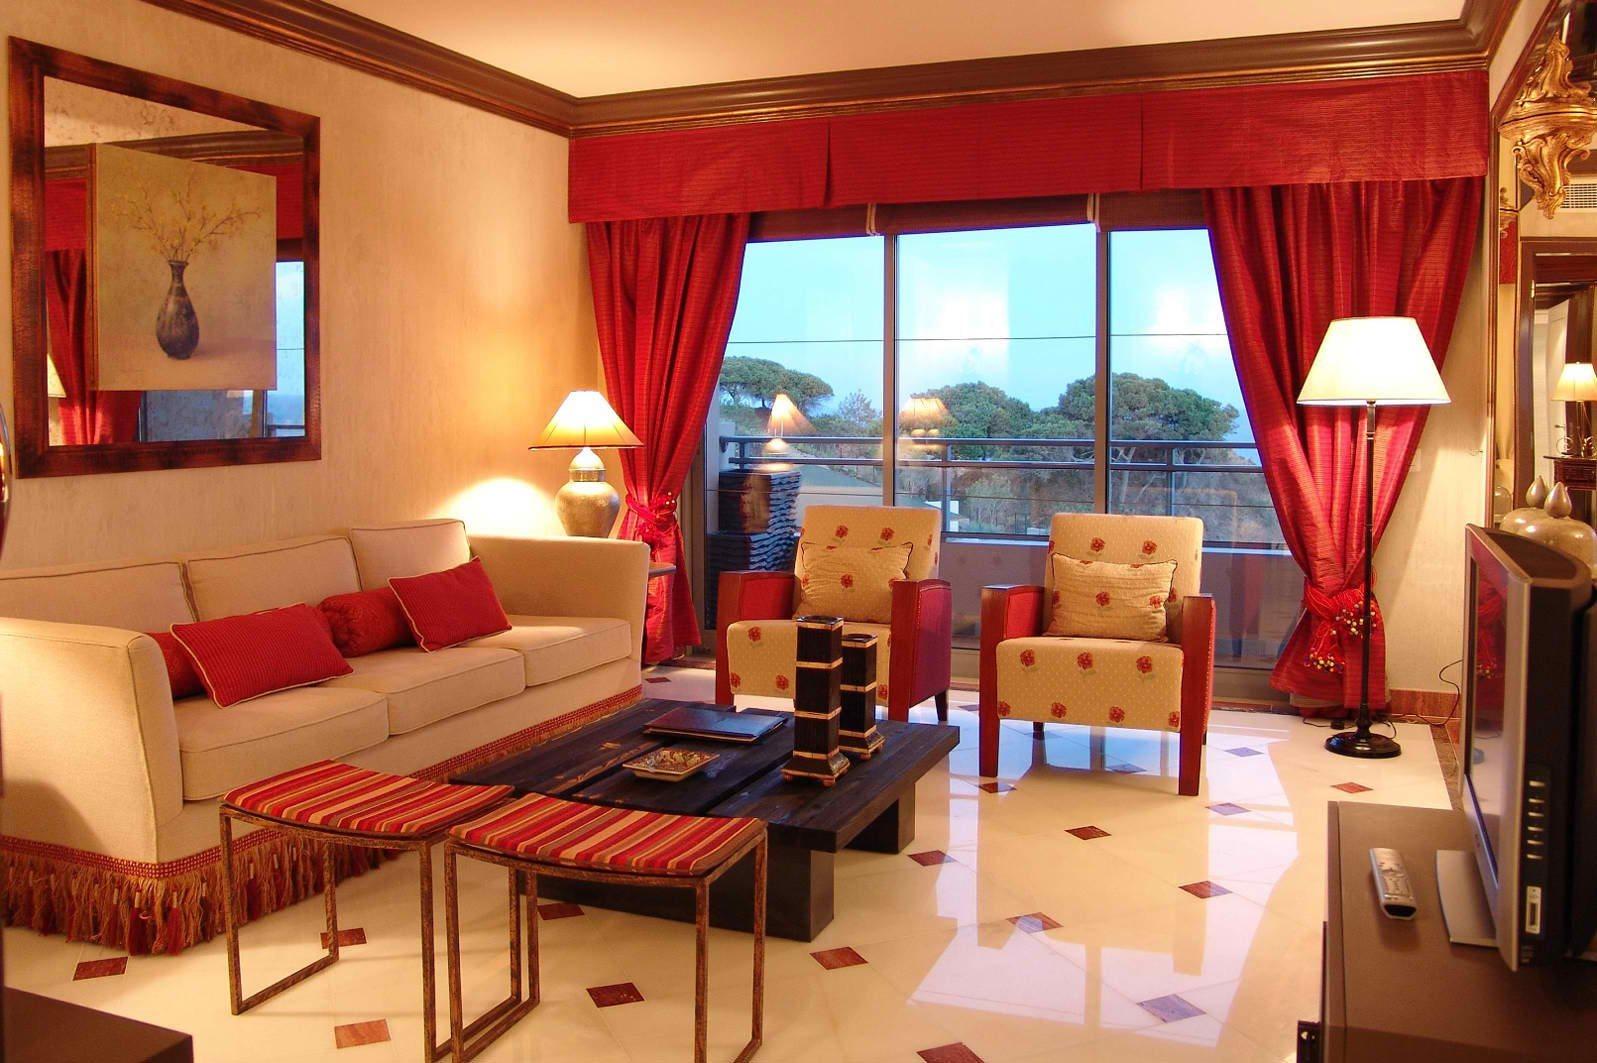 Cortinas para uma decora o vermelha decora o da casa - Cortinas de casa ...